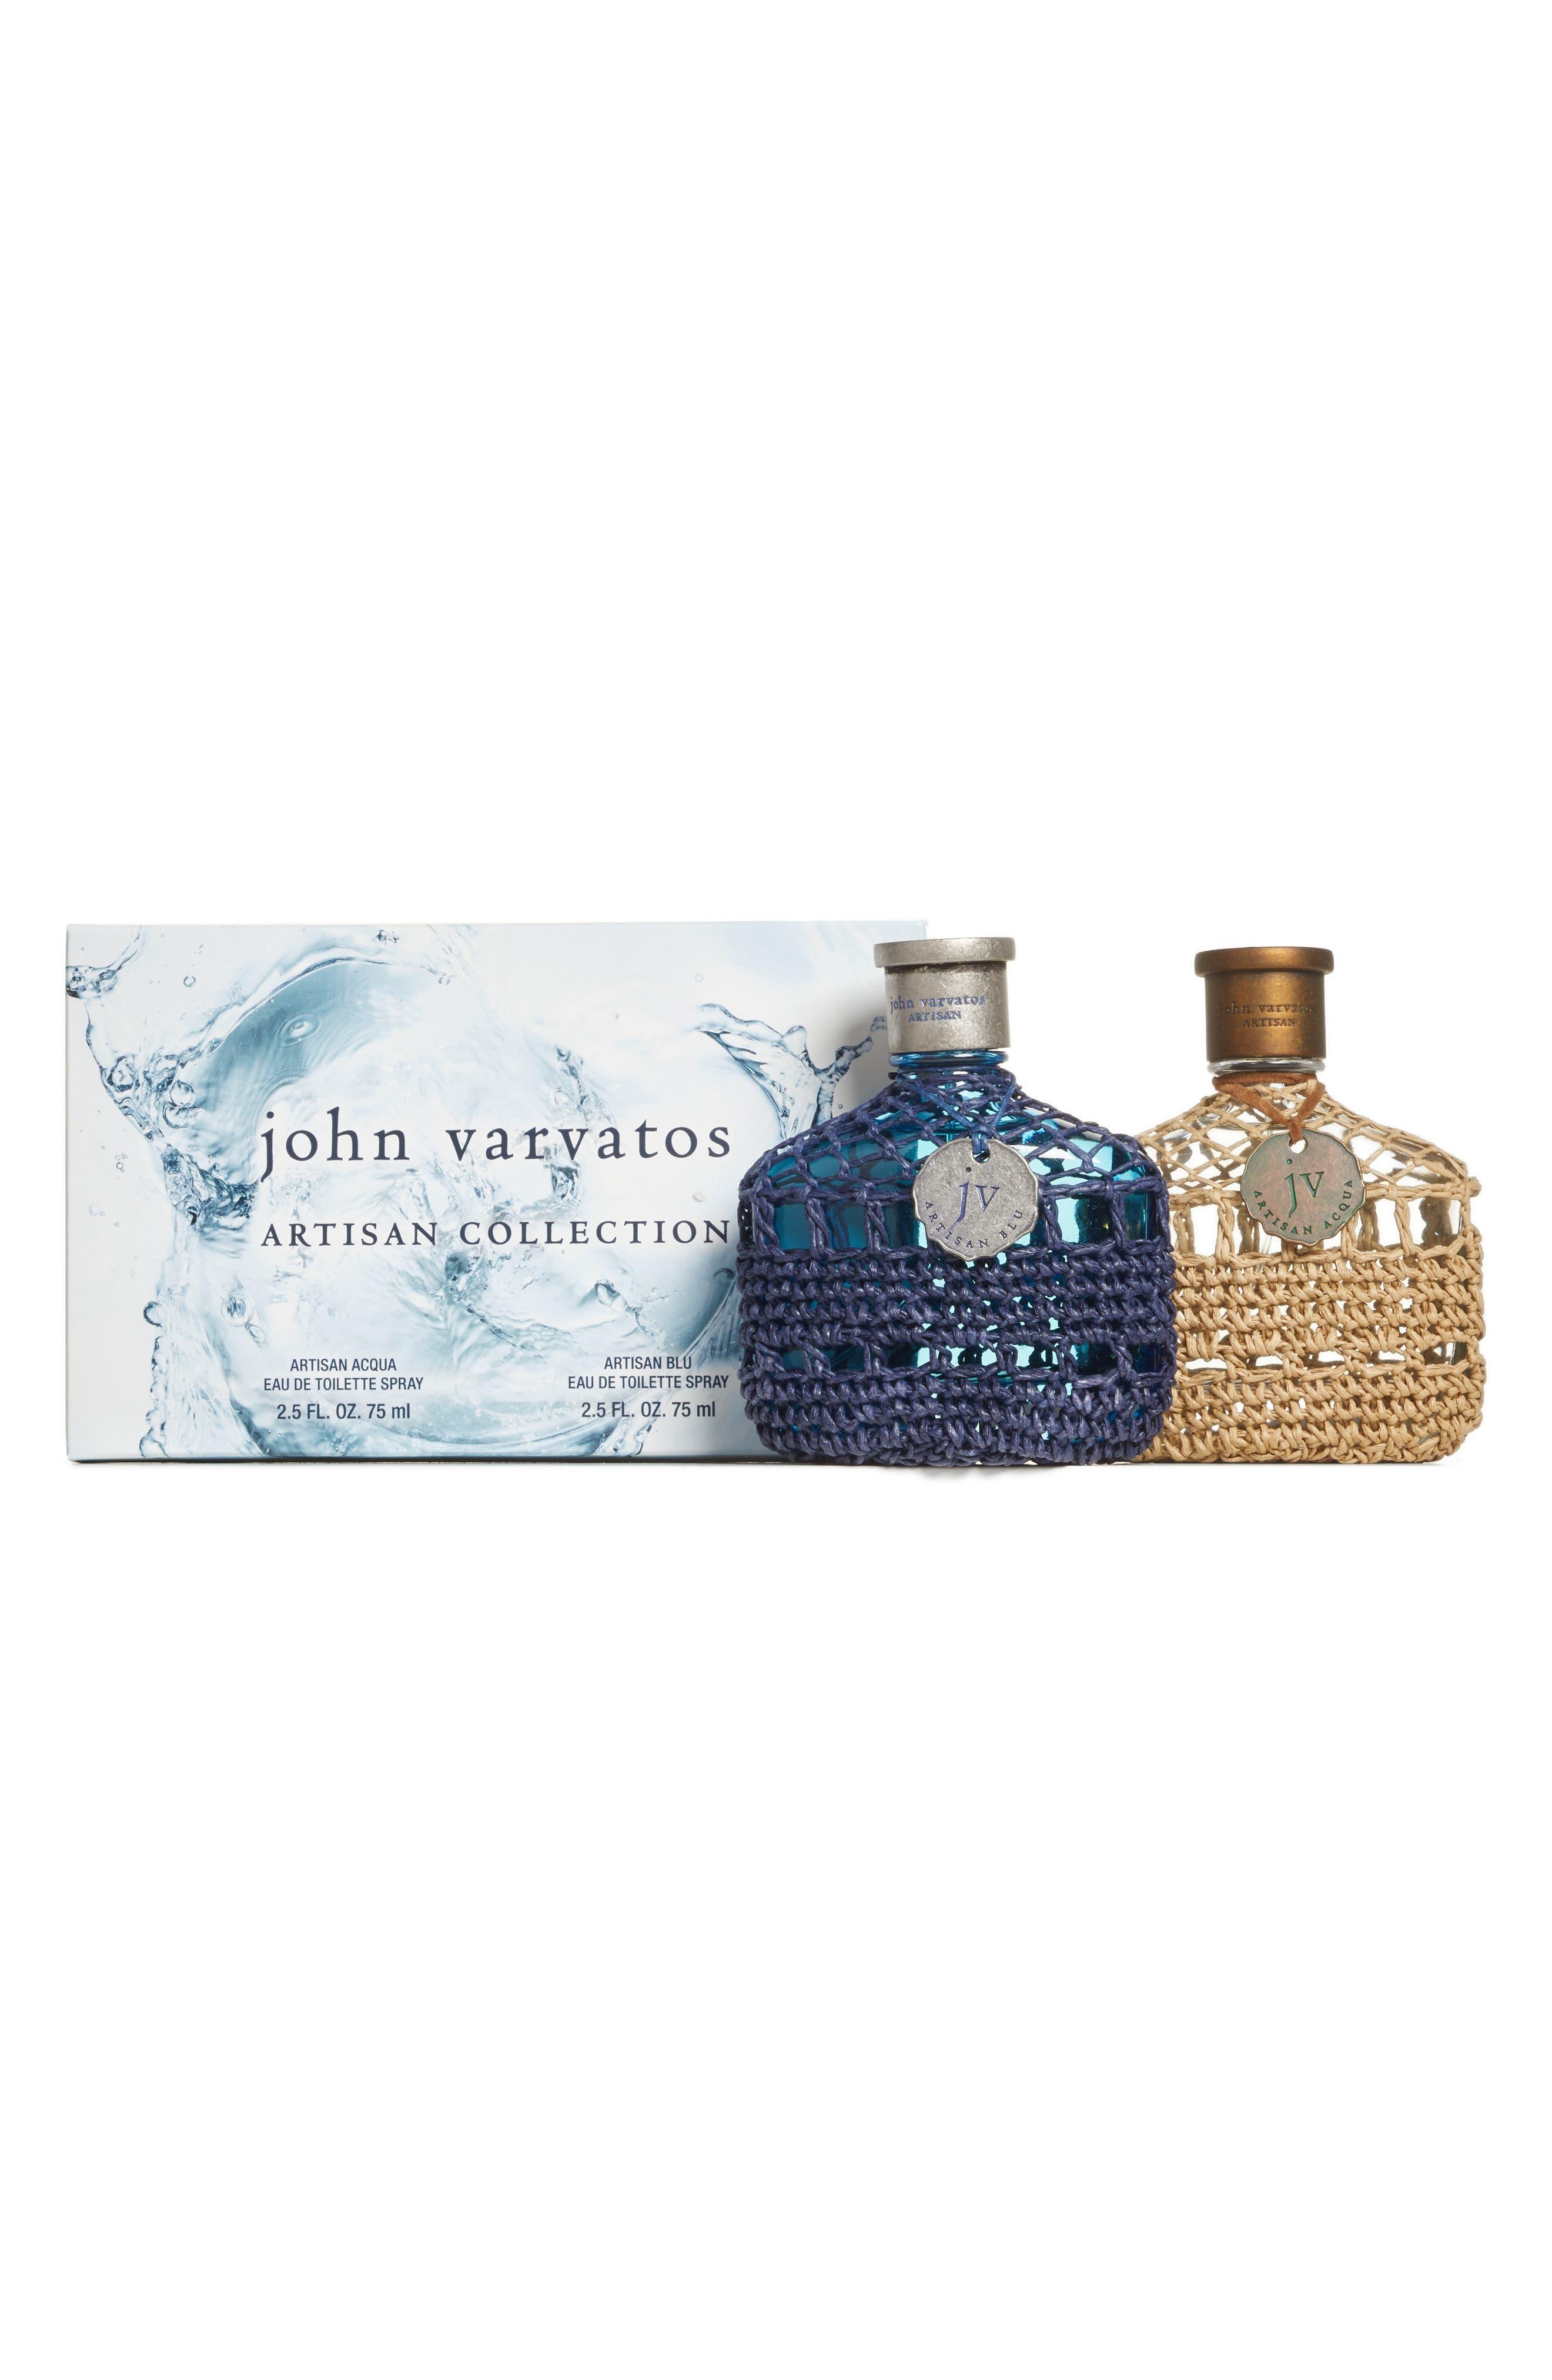 John Varvatos Men's Fragrance Collection ($138 Value)